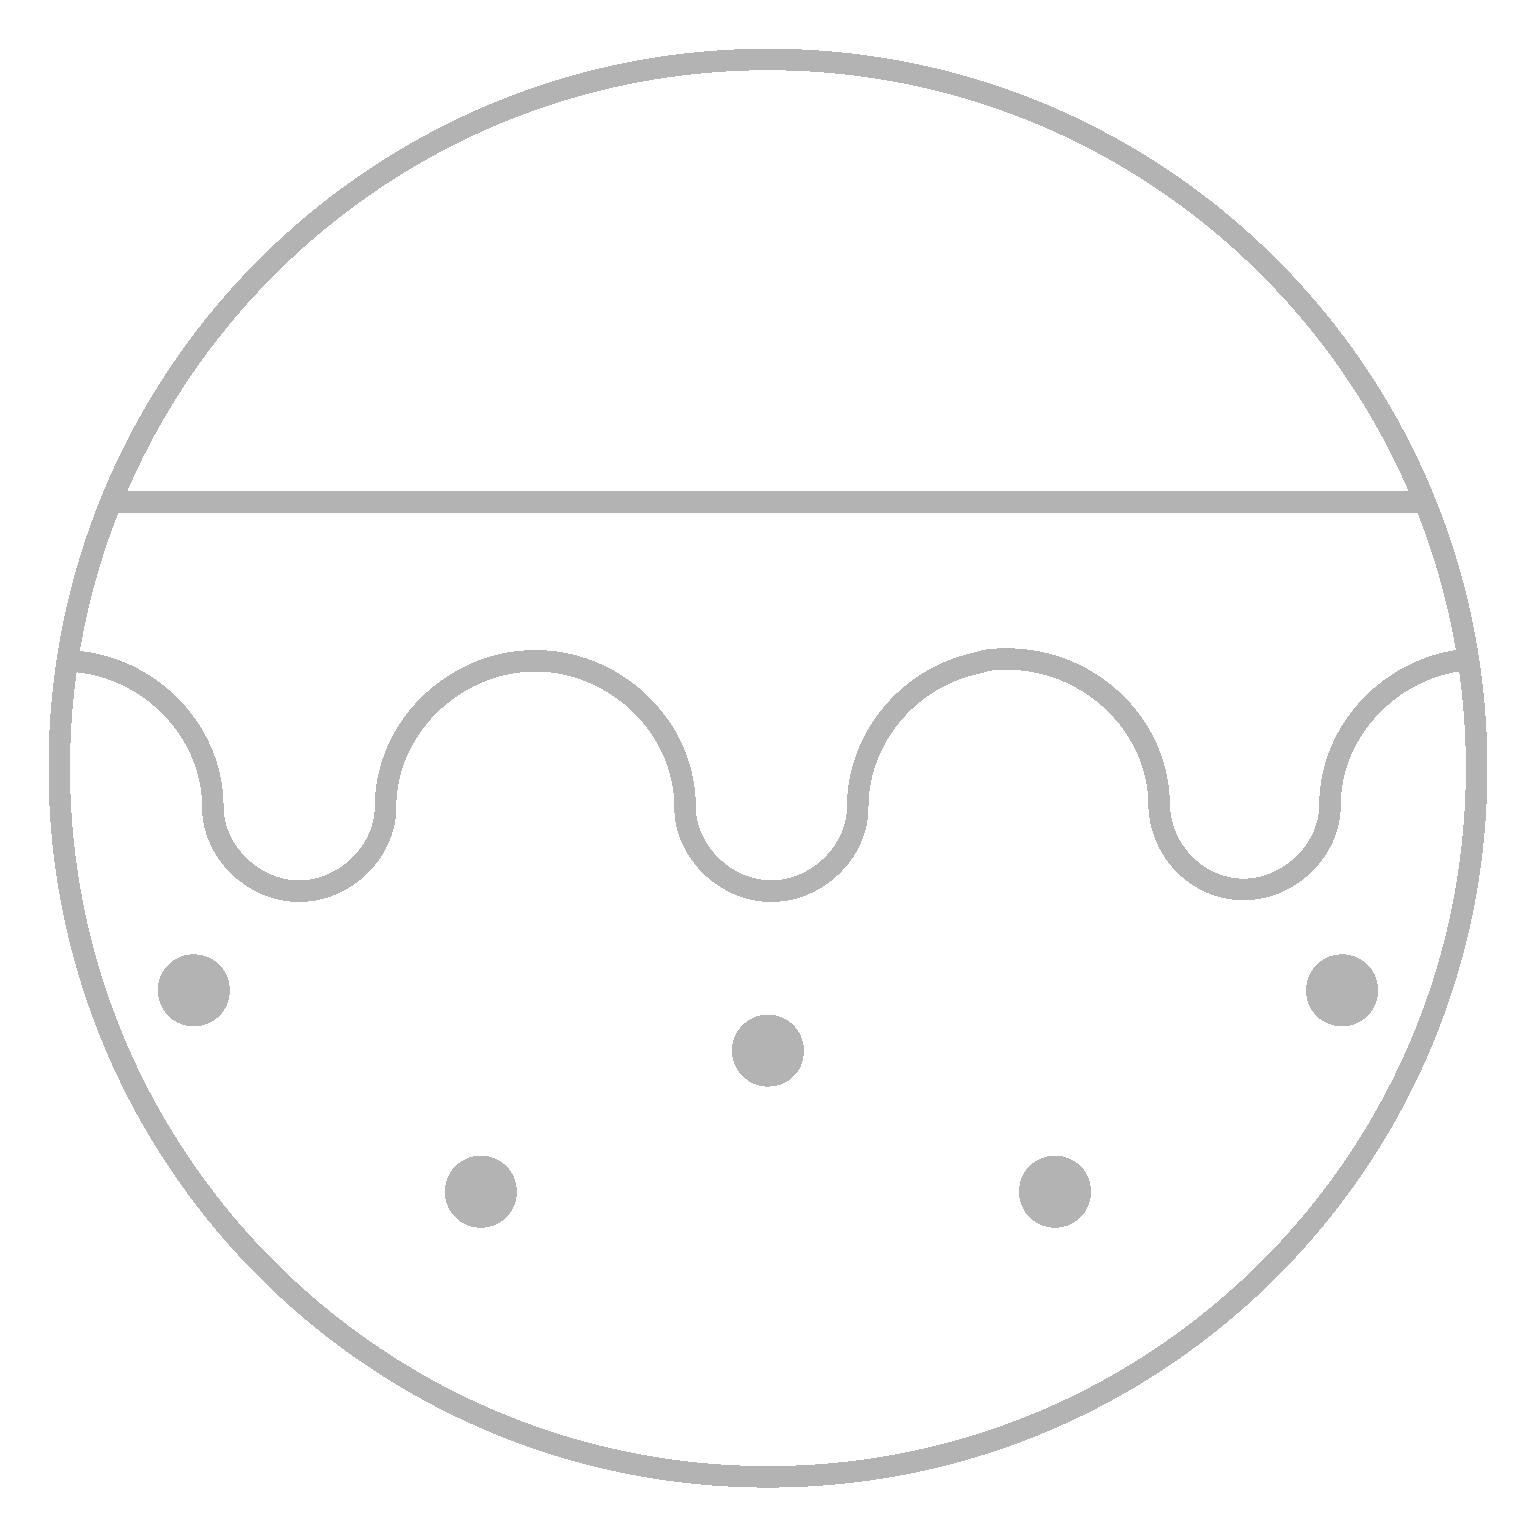 Acetyl octapeptide-3 Polypeptid: modern, wissenschaftlich und biochemikalisch designed. Hochpopulär in der Anti-Falten-Industrie.<br><br>Dipeptide Diaminobutyroyl Benzylamide Diacetate: auch synthetisches B0T0X genannt. Effizienter Hautglätter und faltenreduzierender Pflegestoff.<br><br>Hexapeptide-10: fördert Wiederaufbau des Collagens, hilft feine Fältchen zu reduzieren und Poren zu verfeinern. Straffender Wirkstoff.<br><br>Hexapeptide-49: vermindern Proteinase-aktivierten Rezeptor 2. Linderung des Juckreizes bei empfindlicher Haut. Stellt die beschädigte Barrierefunktion wieder her.